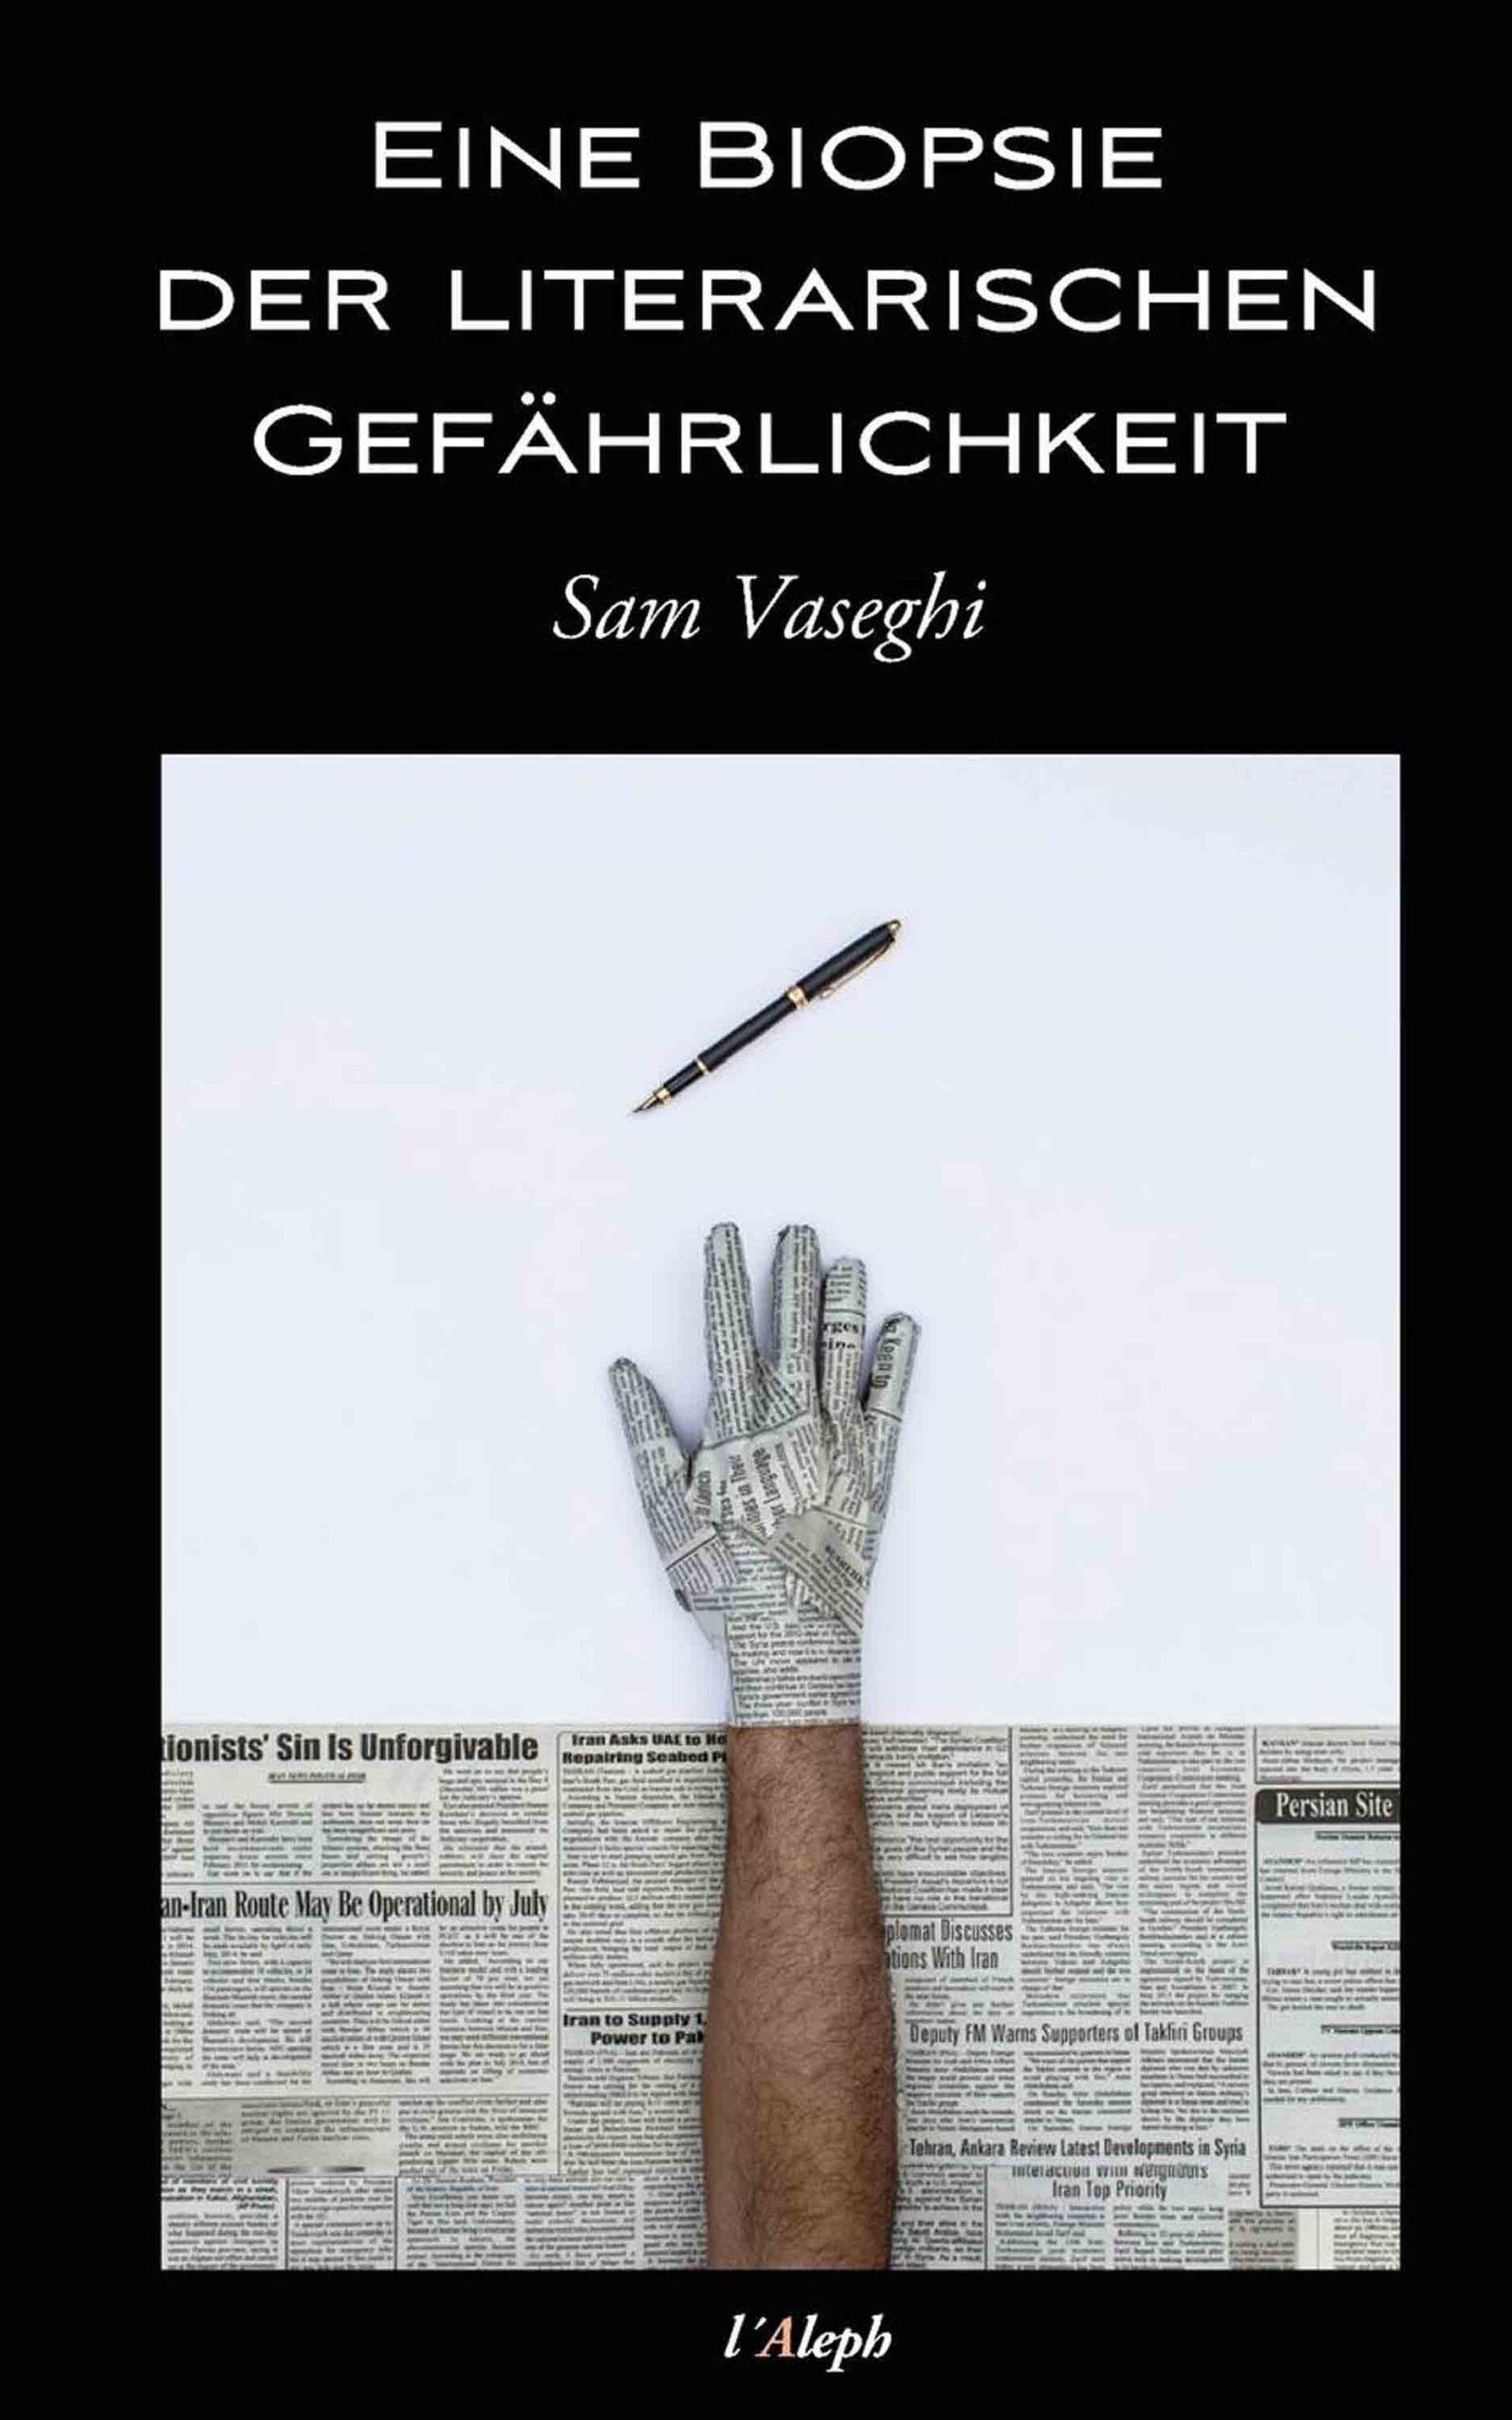 Eine Biopsie der Literarischen Gefährlichkeit